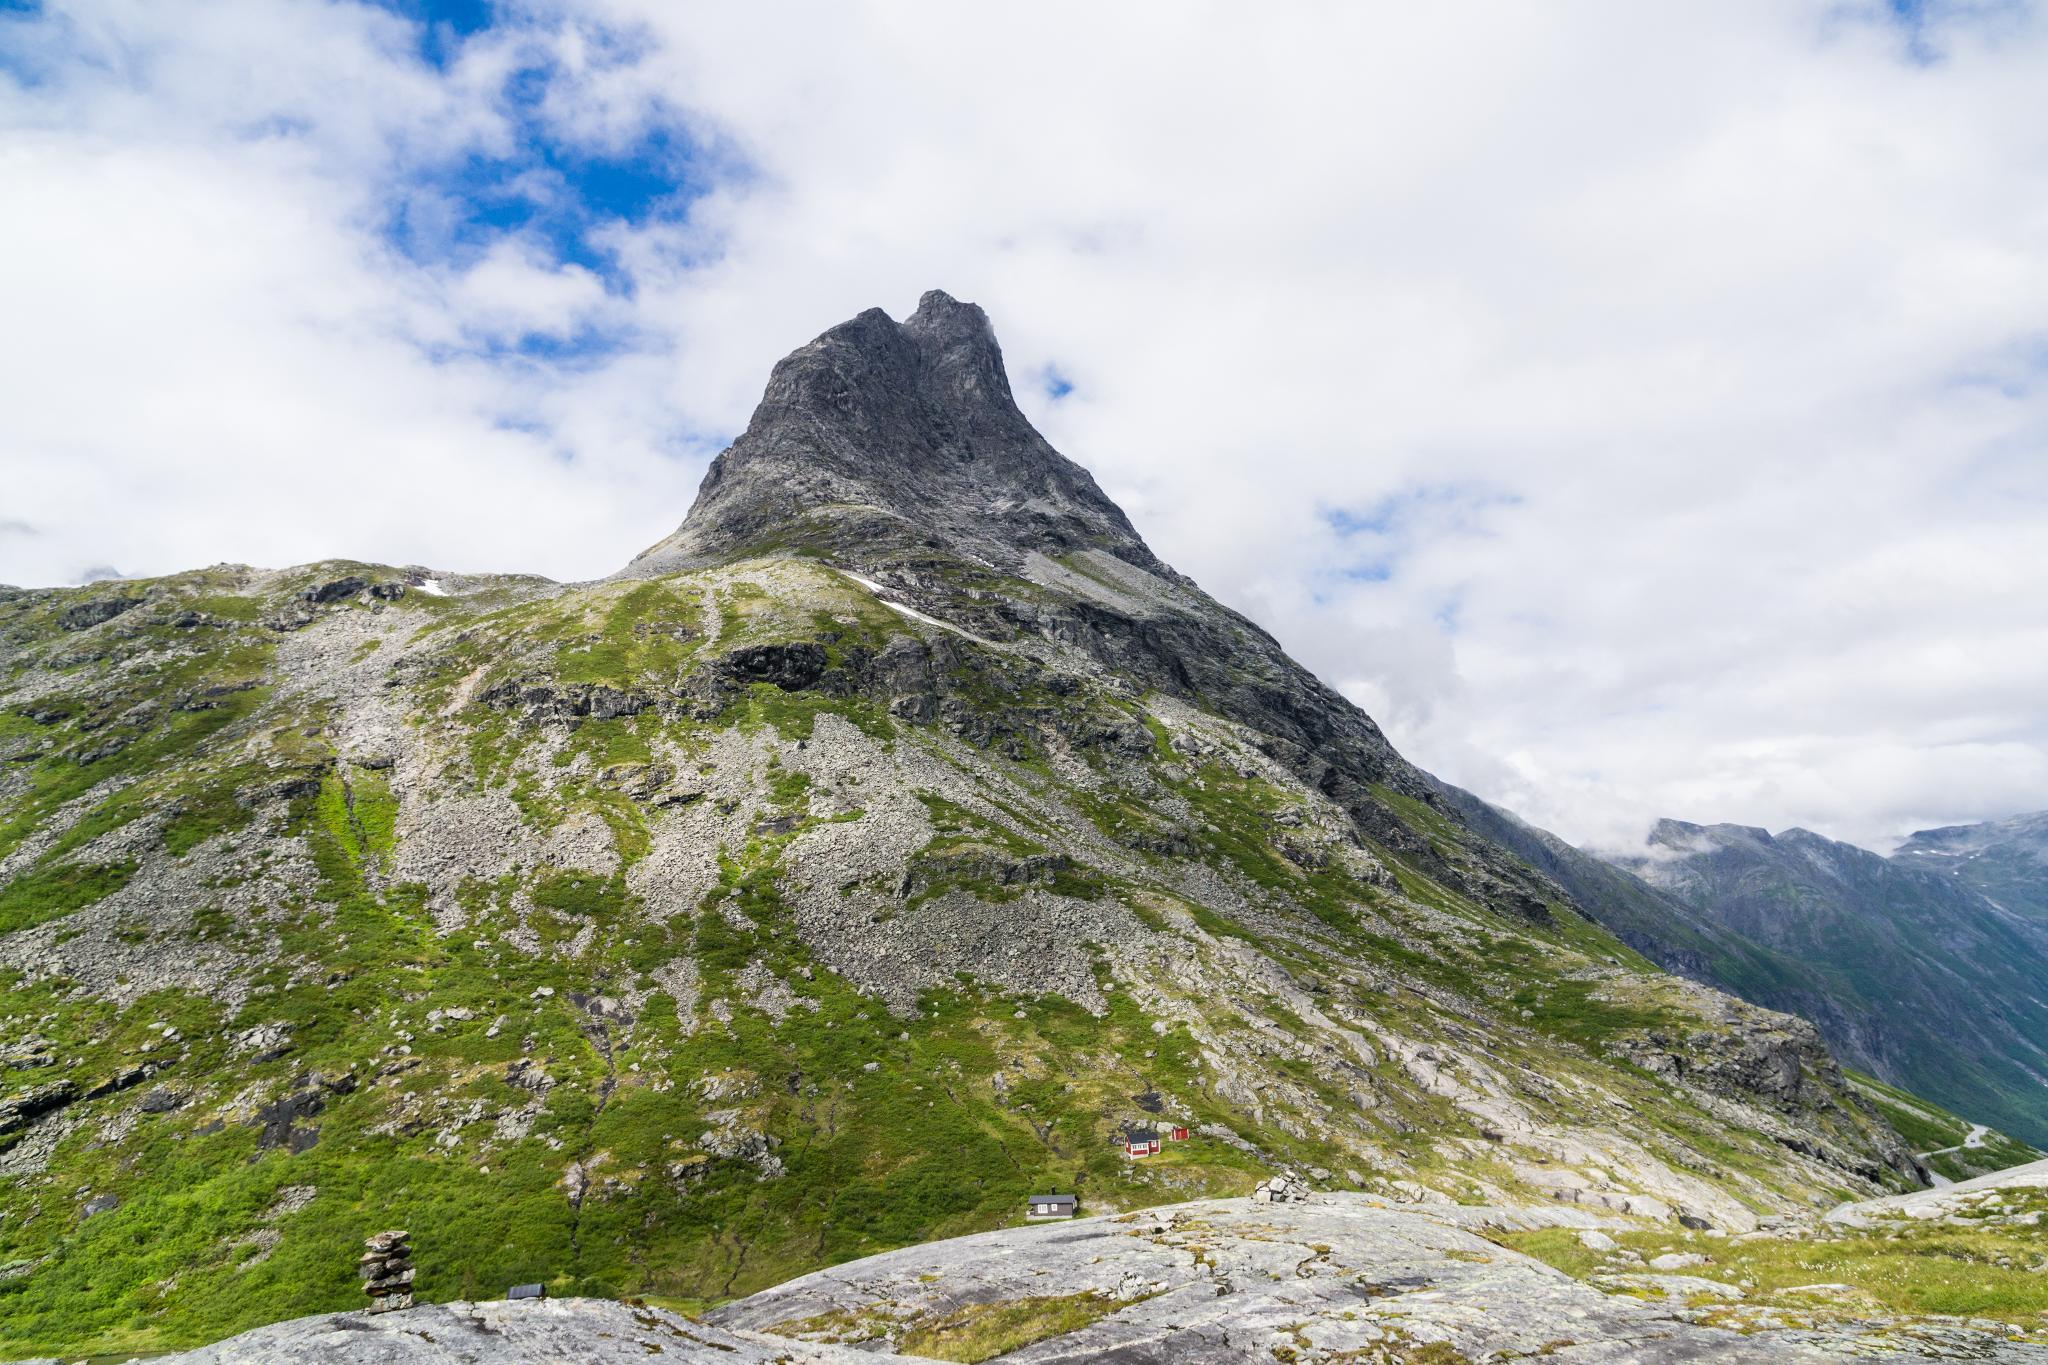 【北歐景點】Trollstigen 精靈之路 ∣ 挪威最驚險的世界級景觀公路 25